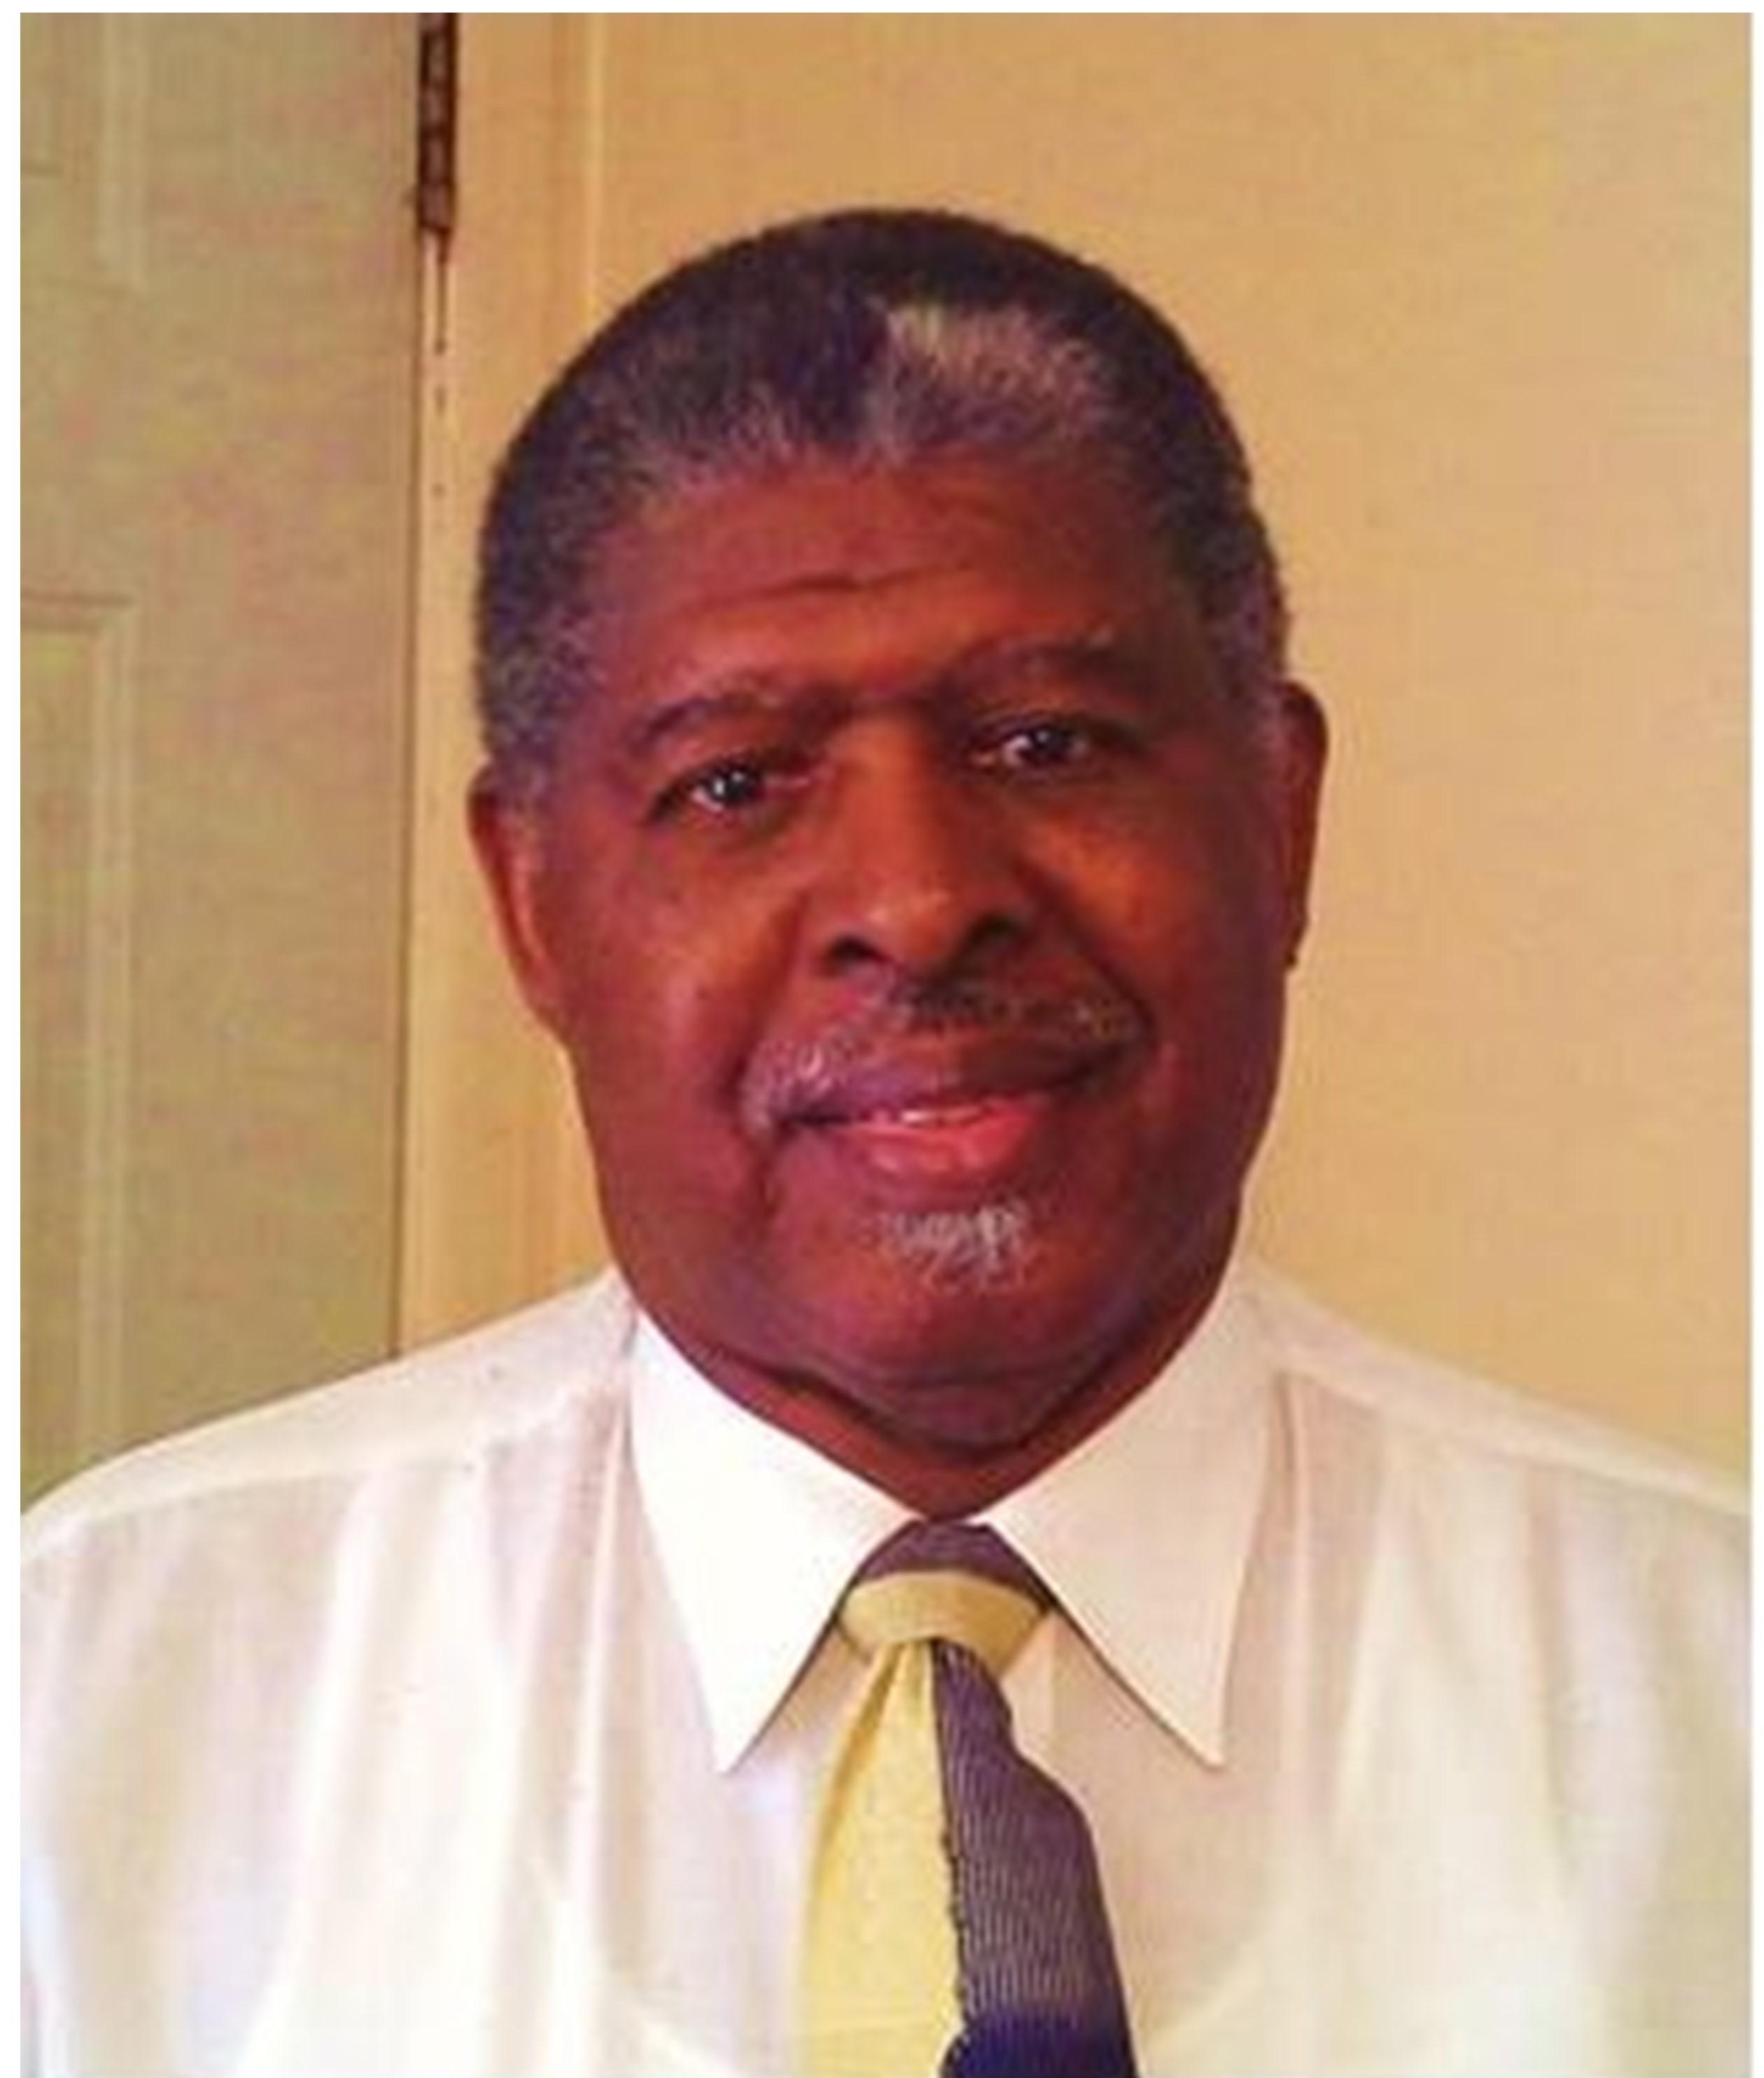 Alonzo Braddon Jr Headsot